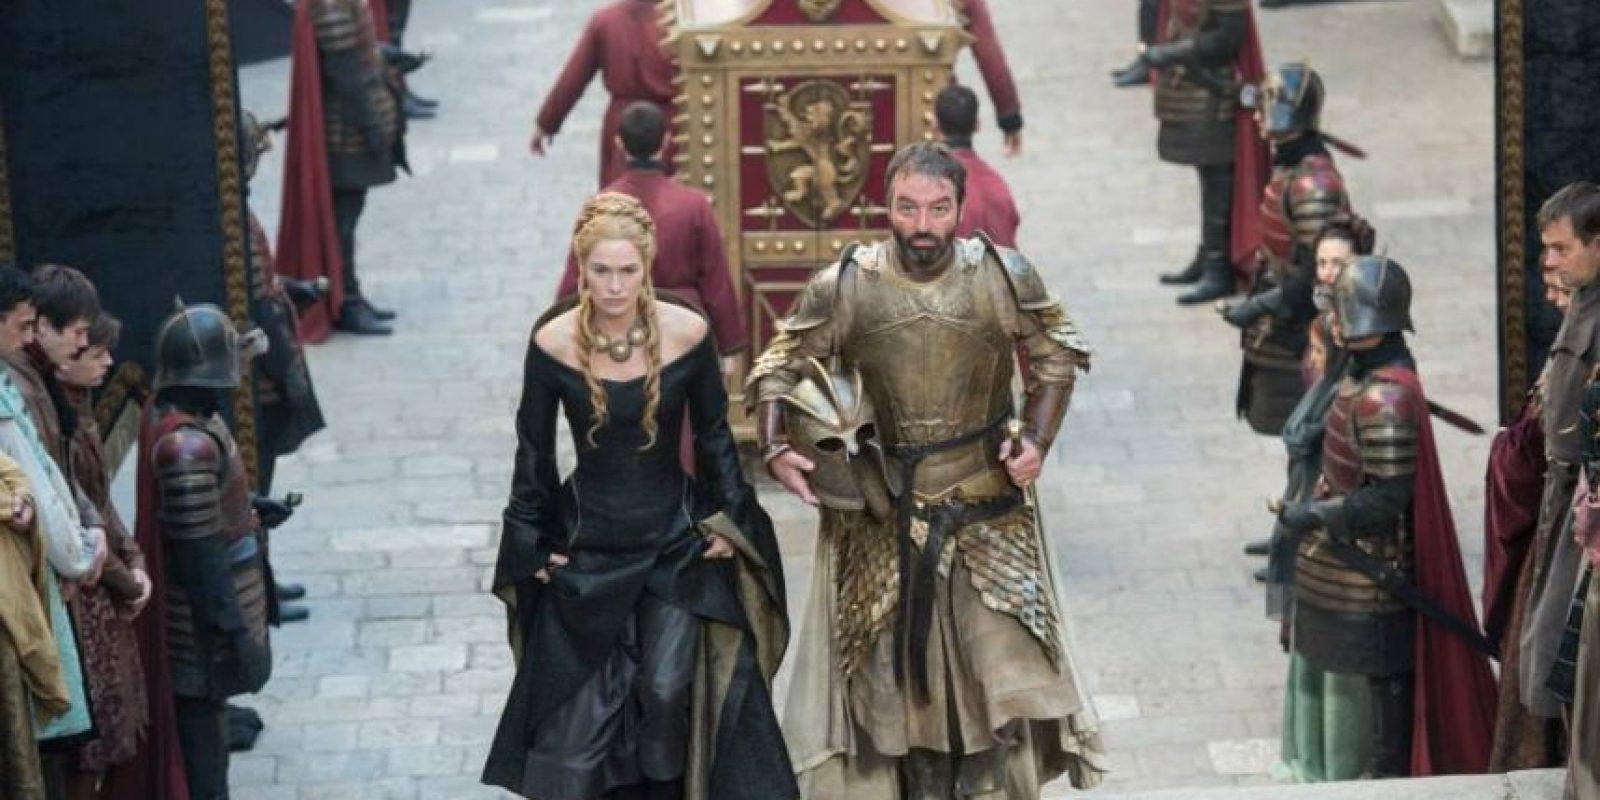 """Martin confesó que la idea de hacer de """"Games of Thrones"""" una película, nunca ha sido su idea. Foto:vía facebook.com/GameofThrones"""